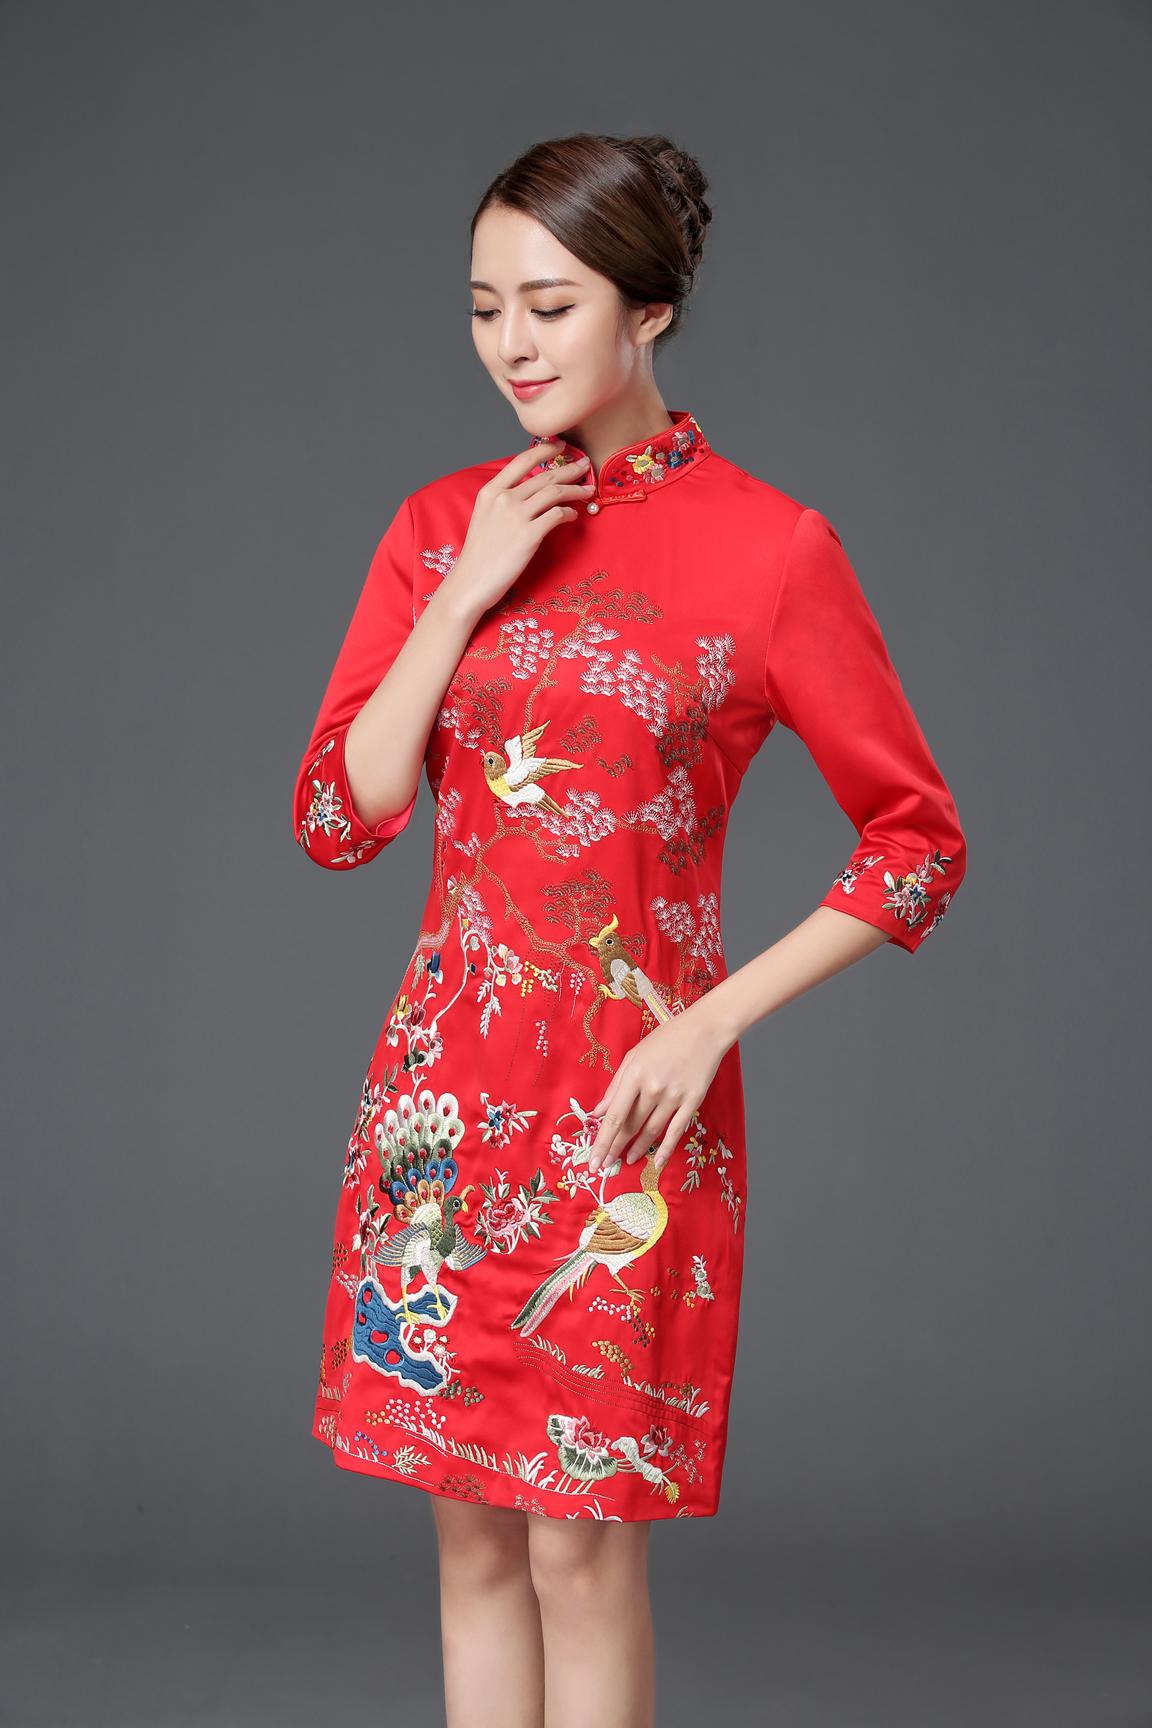 敬酒服旗袍改良女显瘦时尚刺绣中袖中式礼服春秋季红色旗袍连衣裙